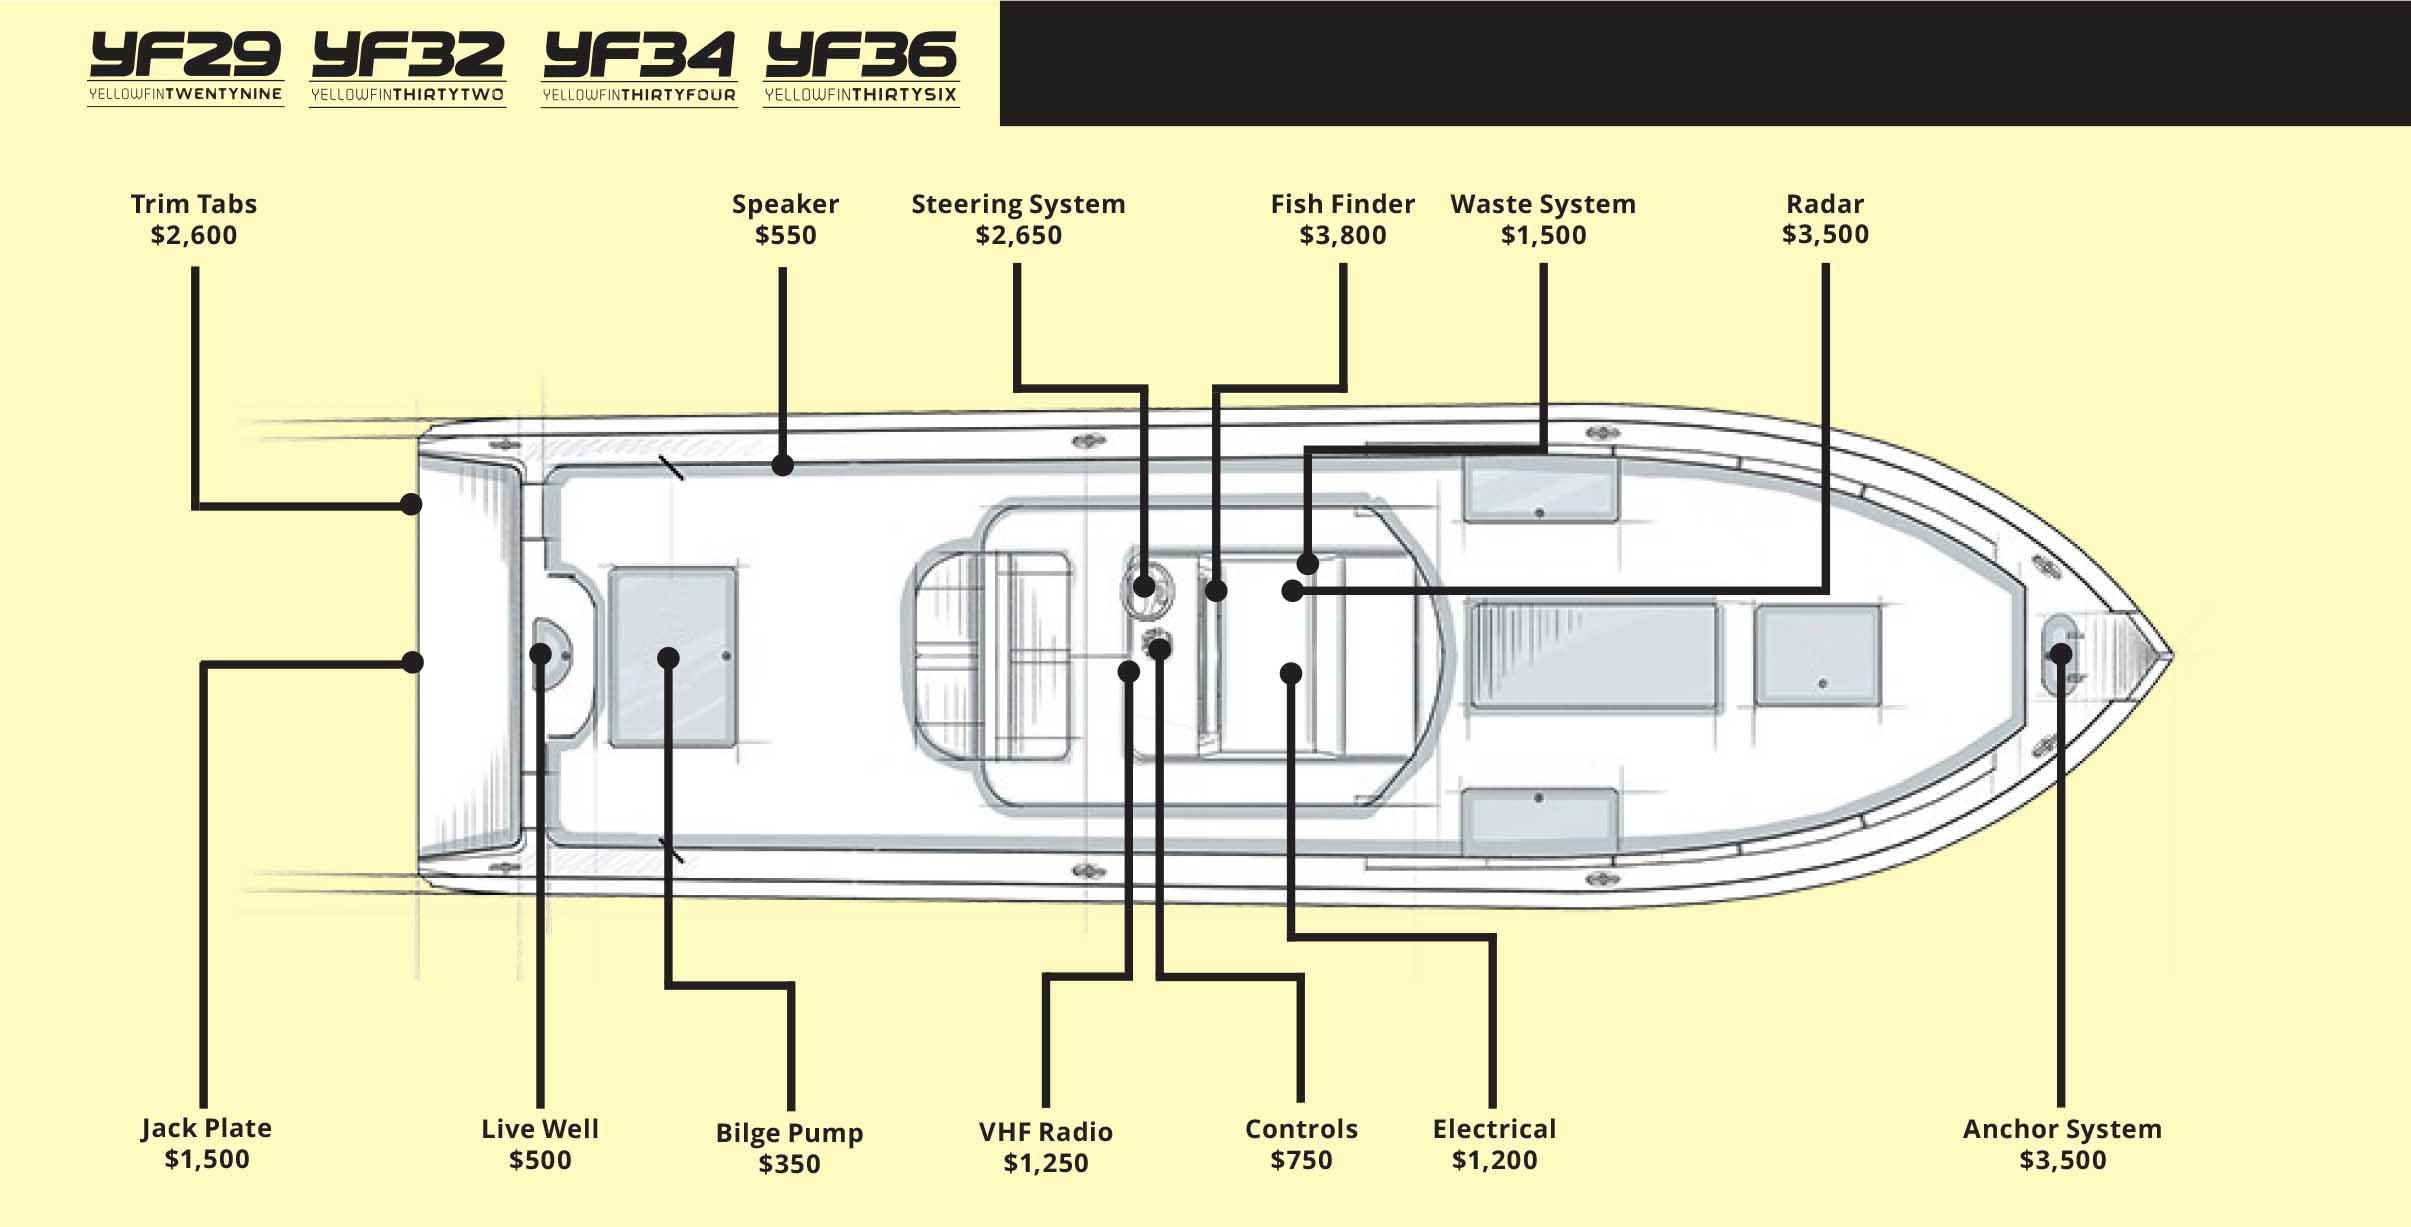 Yellow Fin Y29-Y32-Y34-Y36